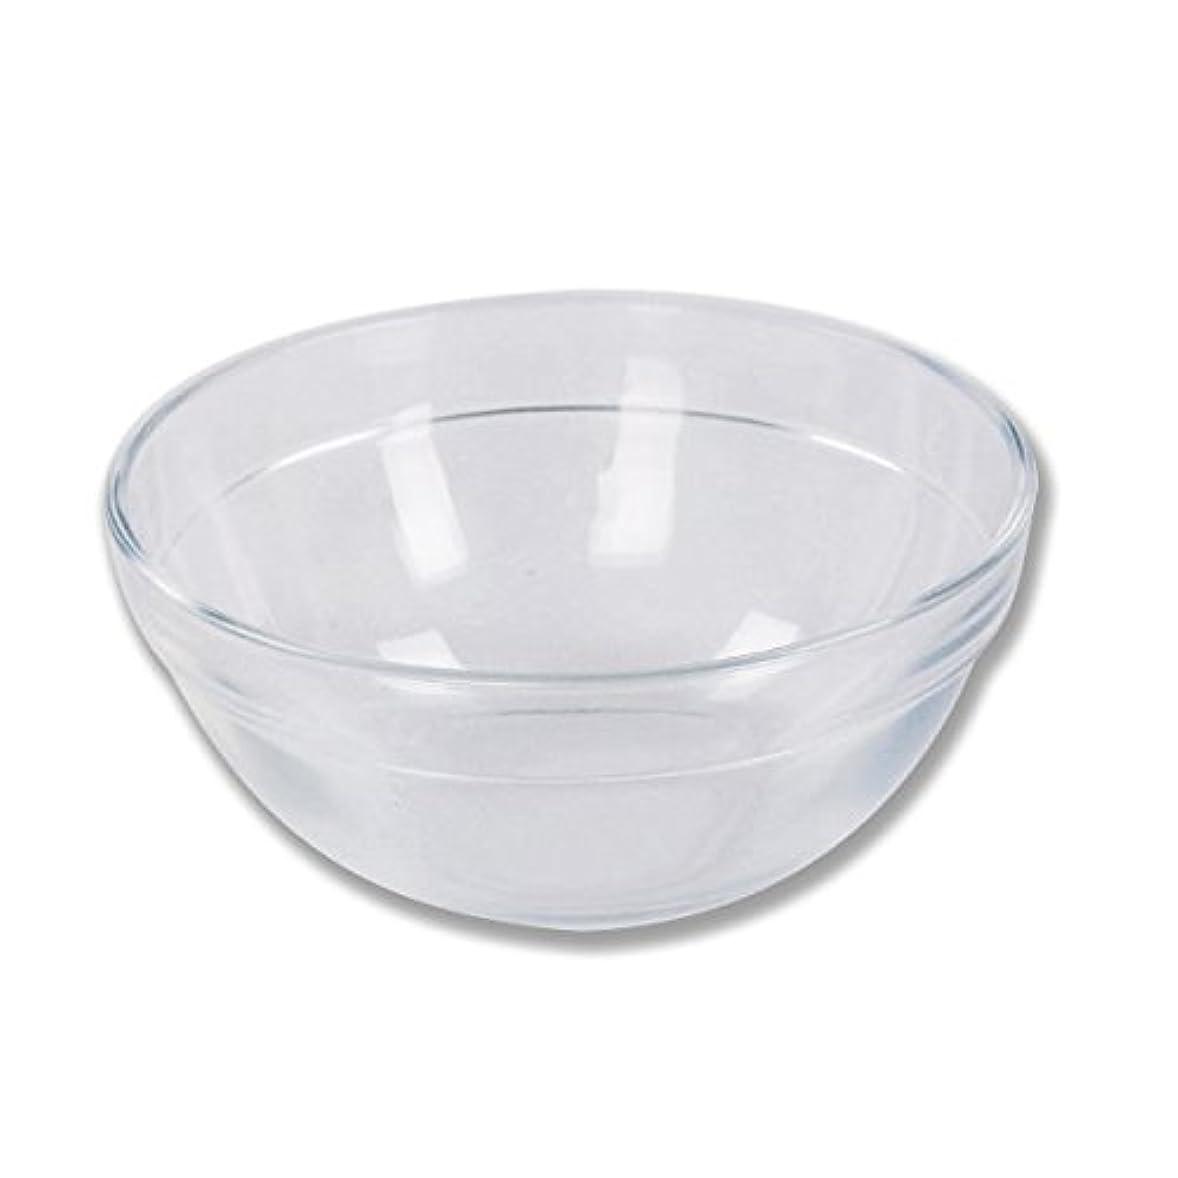 ハウジング食器棚湿ったガラスボウル (Mサイズ) [ ガラスボール カップボウル カップボール エステ サロン ガラス ボウル カップ 高級感 ]